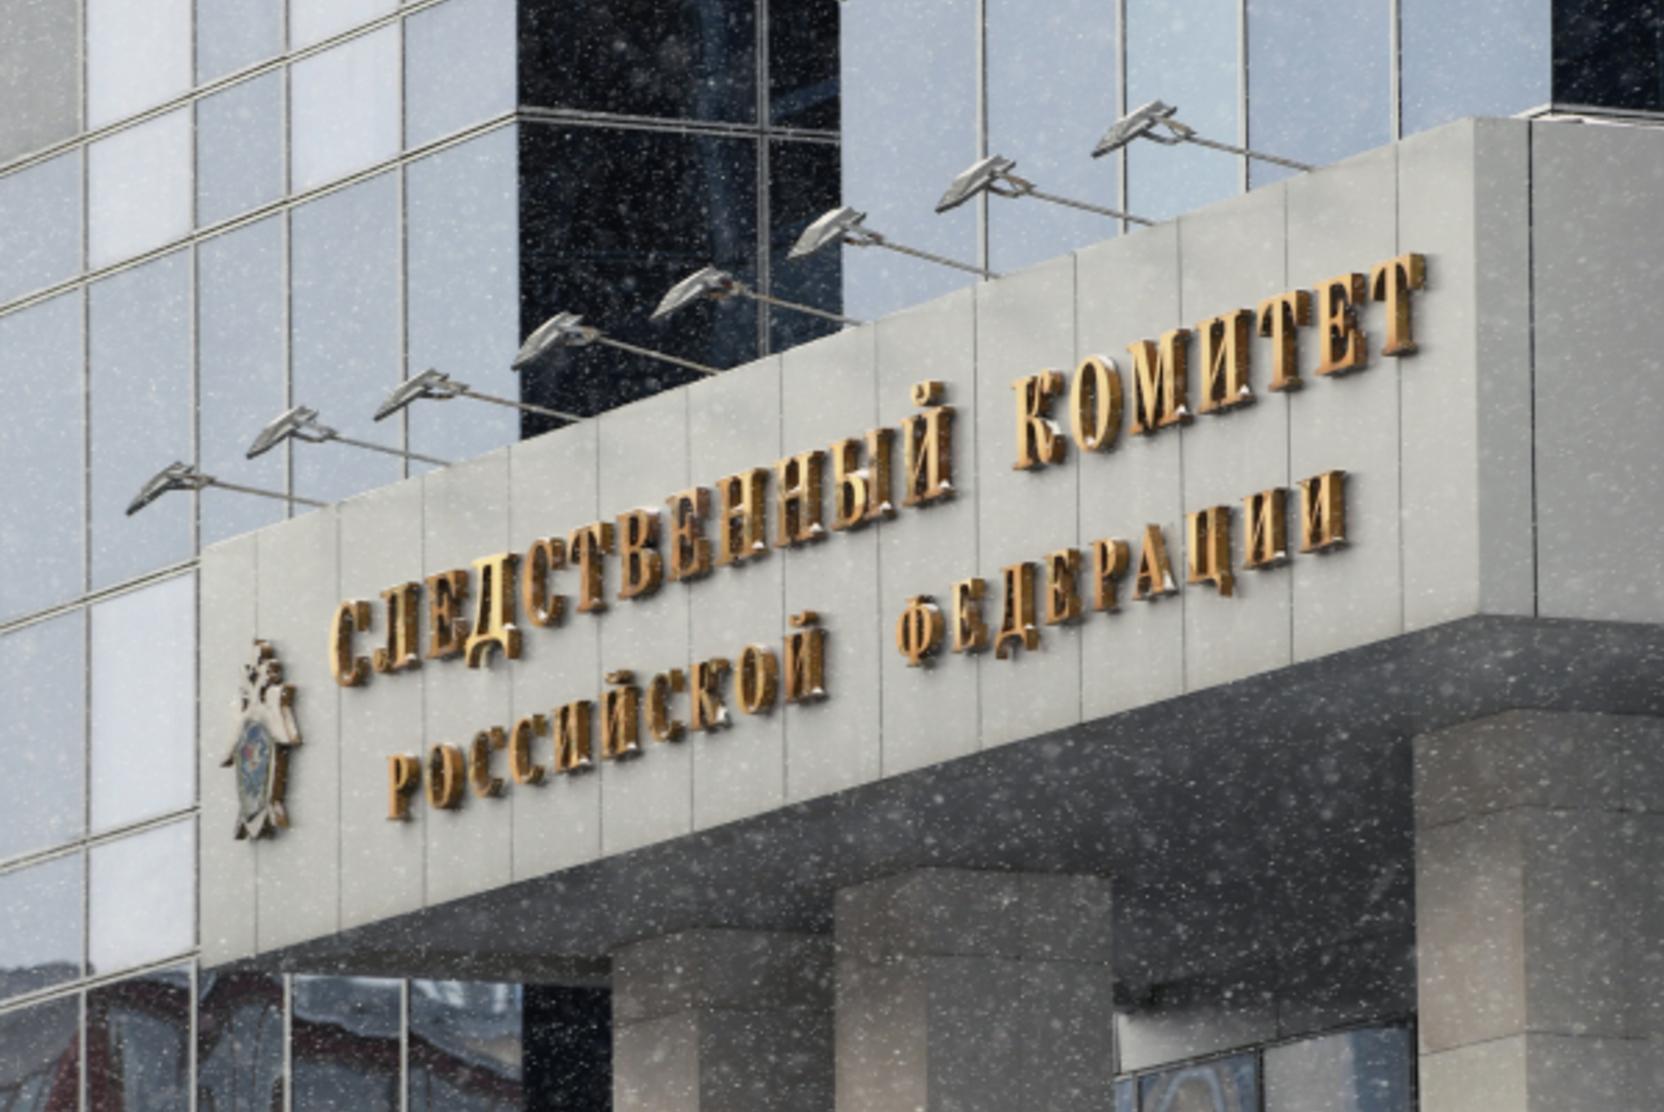 СК объявил в розыск обвиняемого в убийстве россиянина гражданина Украины Маркива